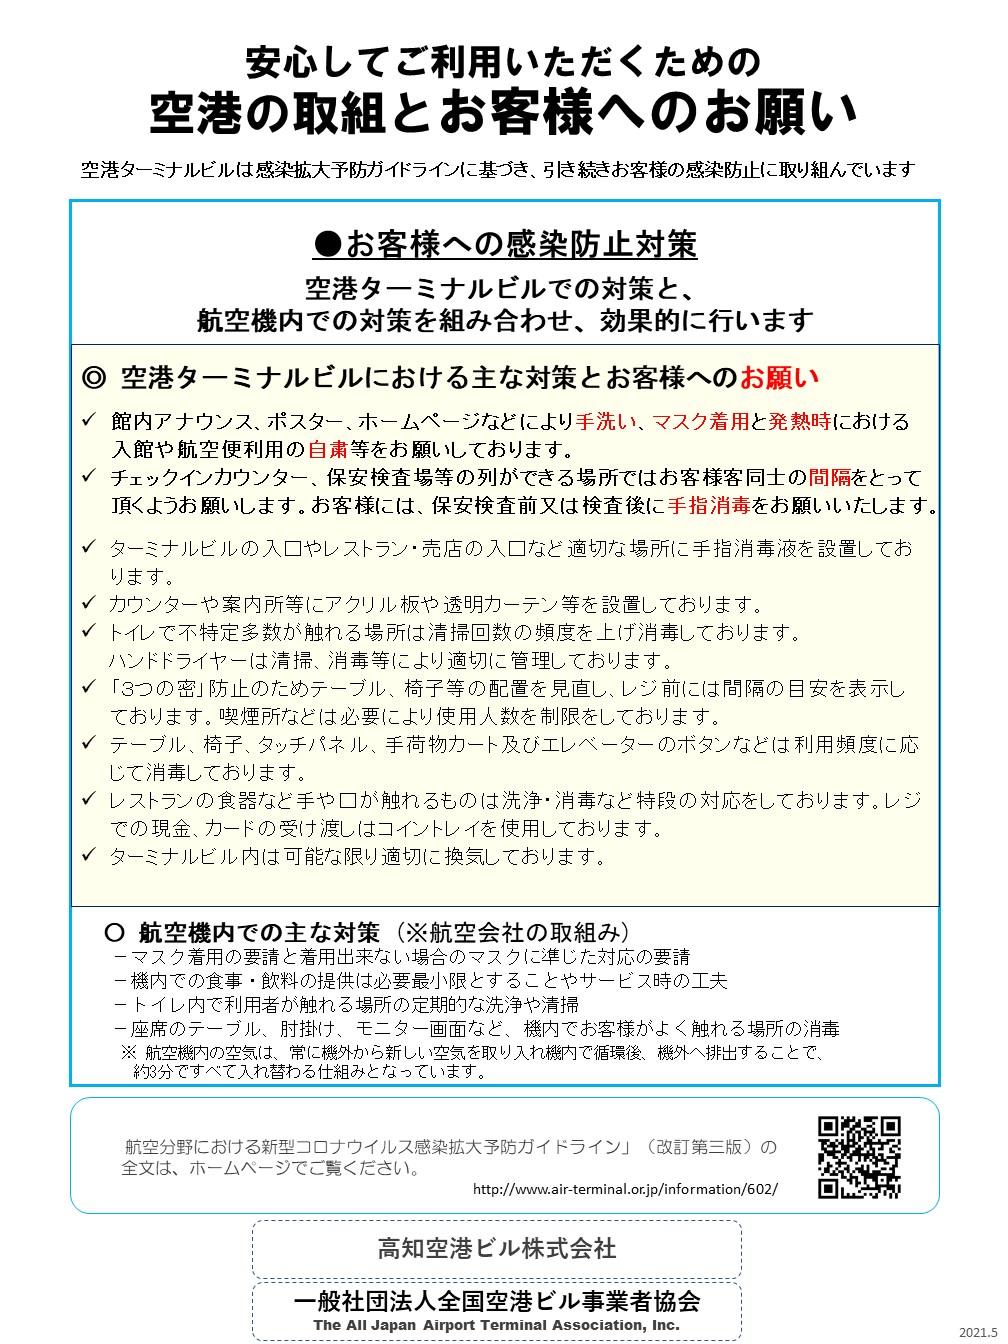 高知空港の取組とお客様へのお願い